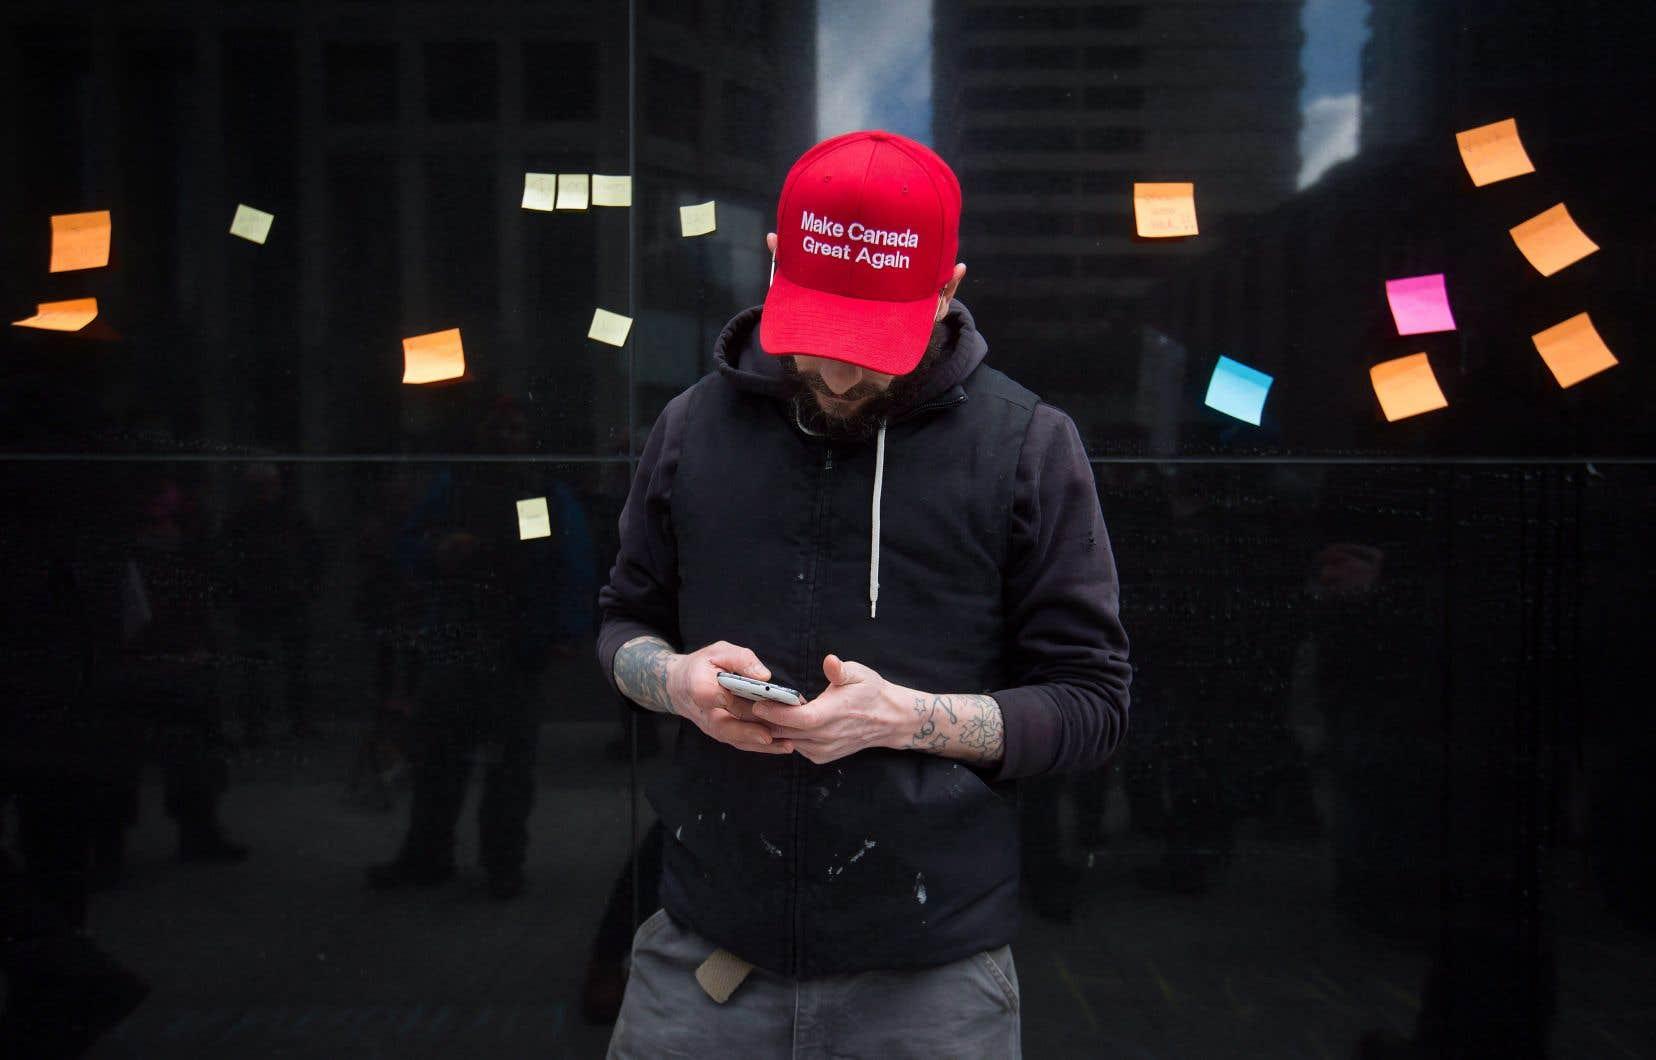 Il serait tentant d'attribuer aux médias sociaux la polarisation actuelle, mais elle est aussi le reflet d'une tendance mondiale et du climat ambiant que les partis n'atténuent pas.